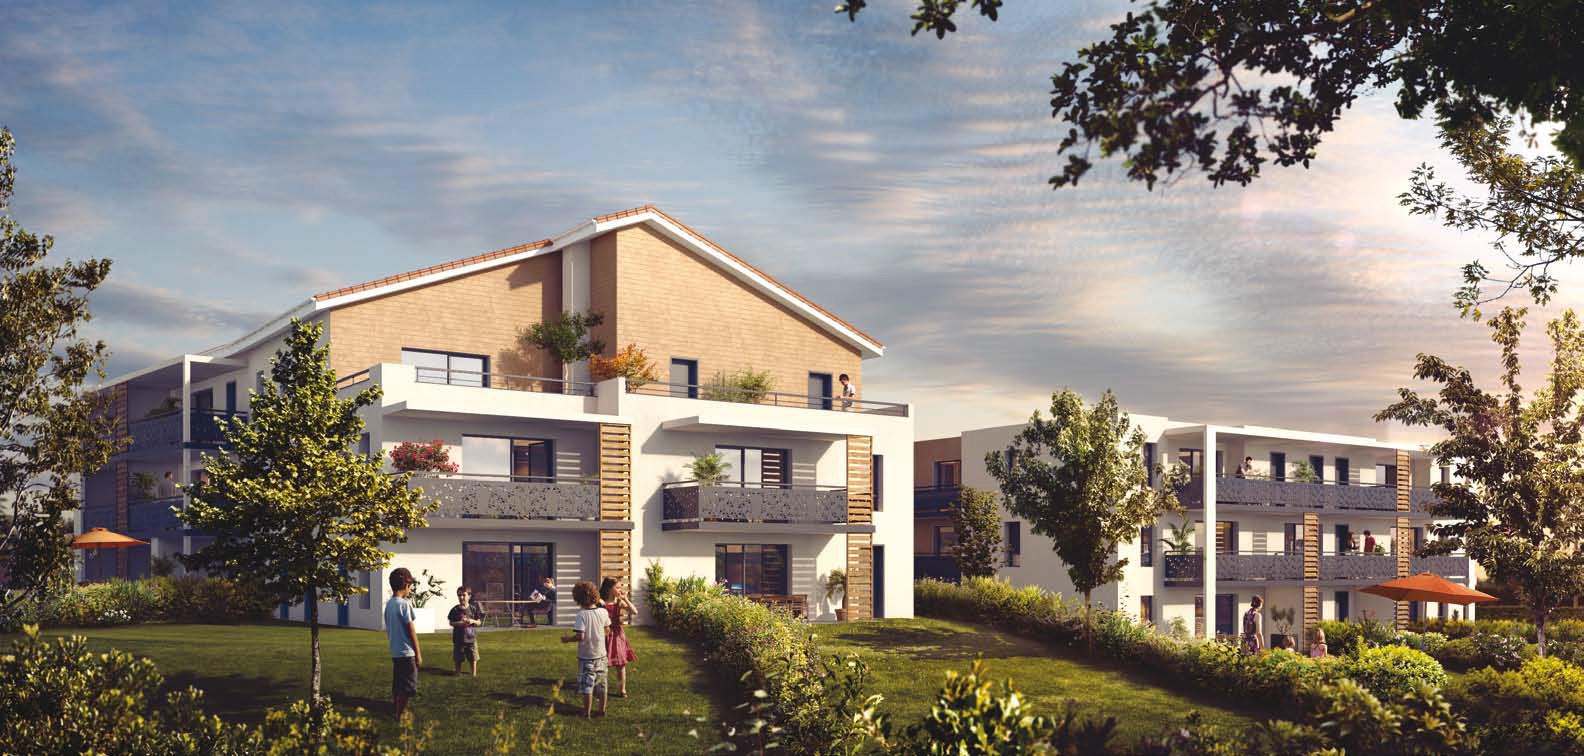 Promoteur immobilier pour programme neuf lyon for Promoteur immobilier neuf